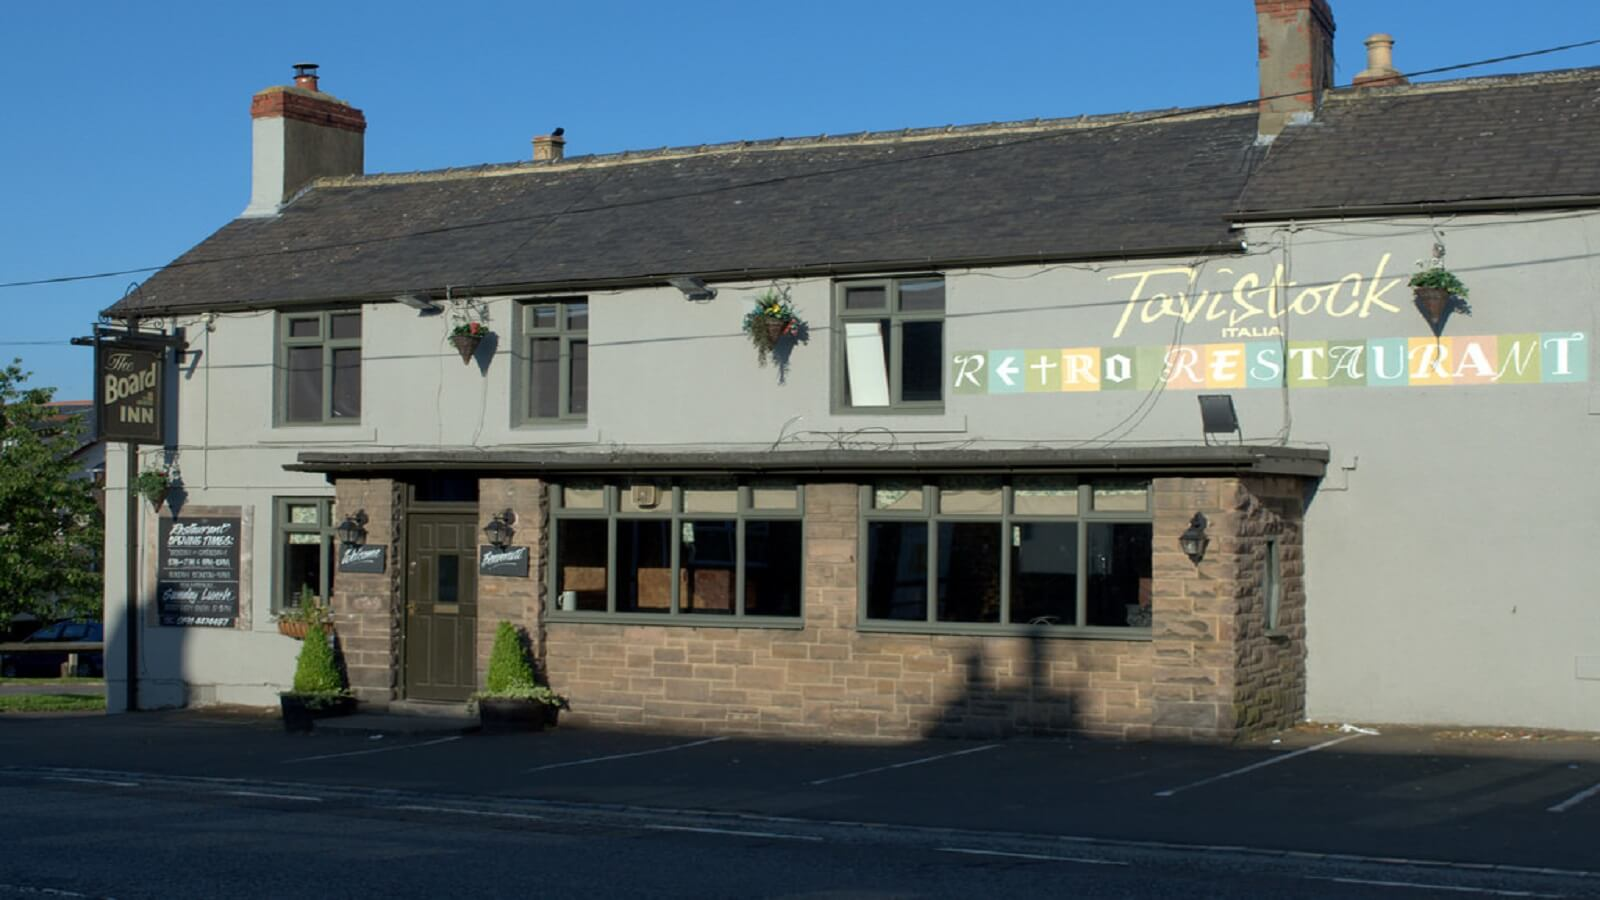 Tavistock Italia Gastro Pub at The Board Inn